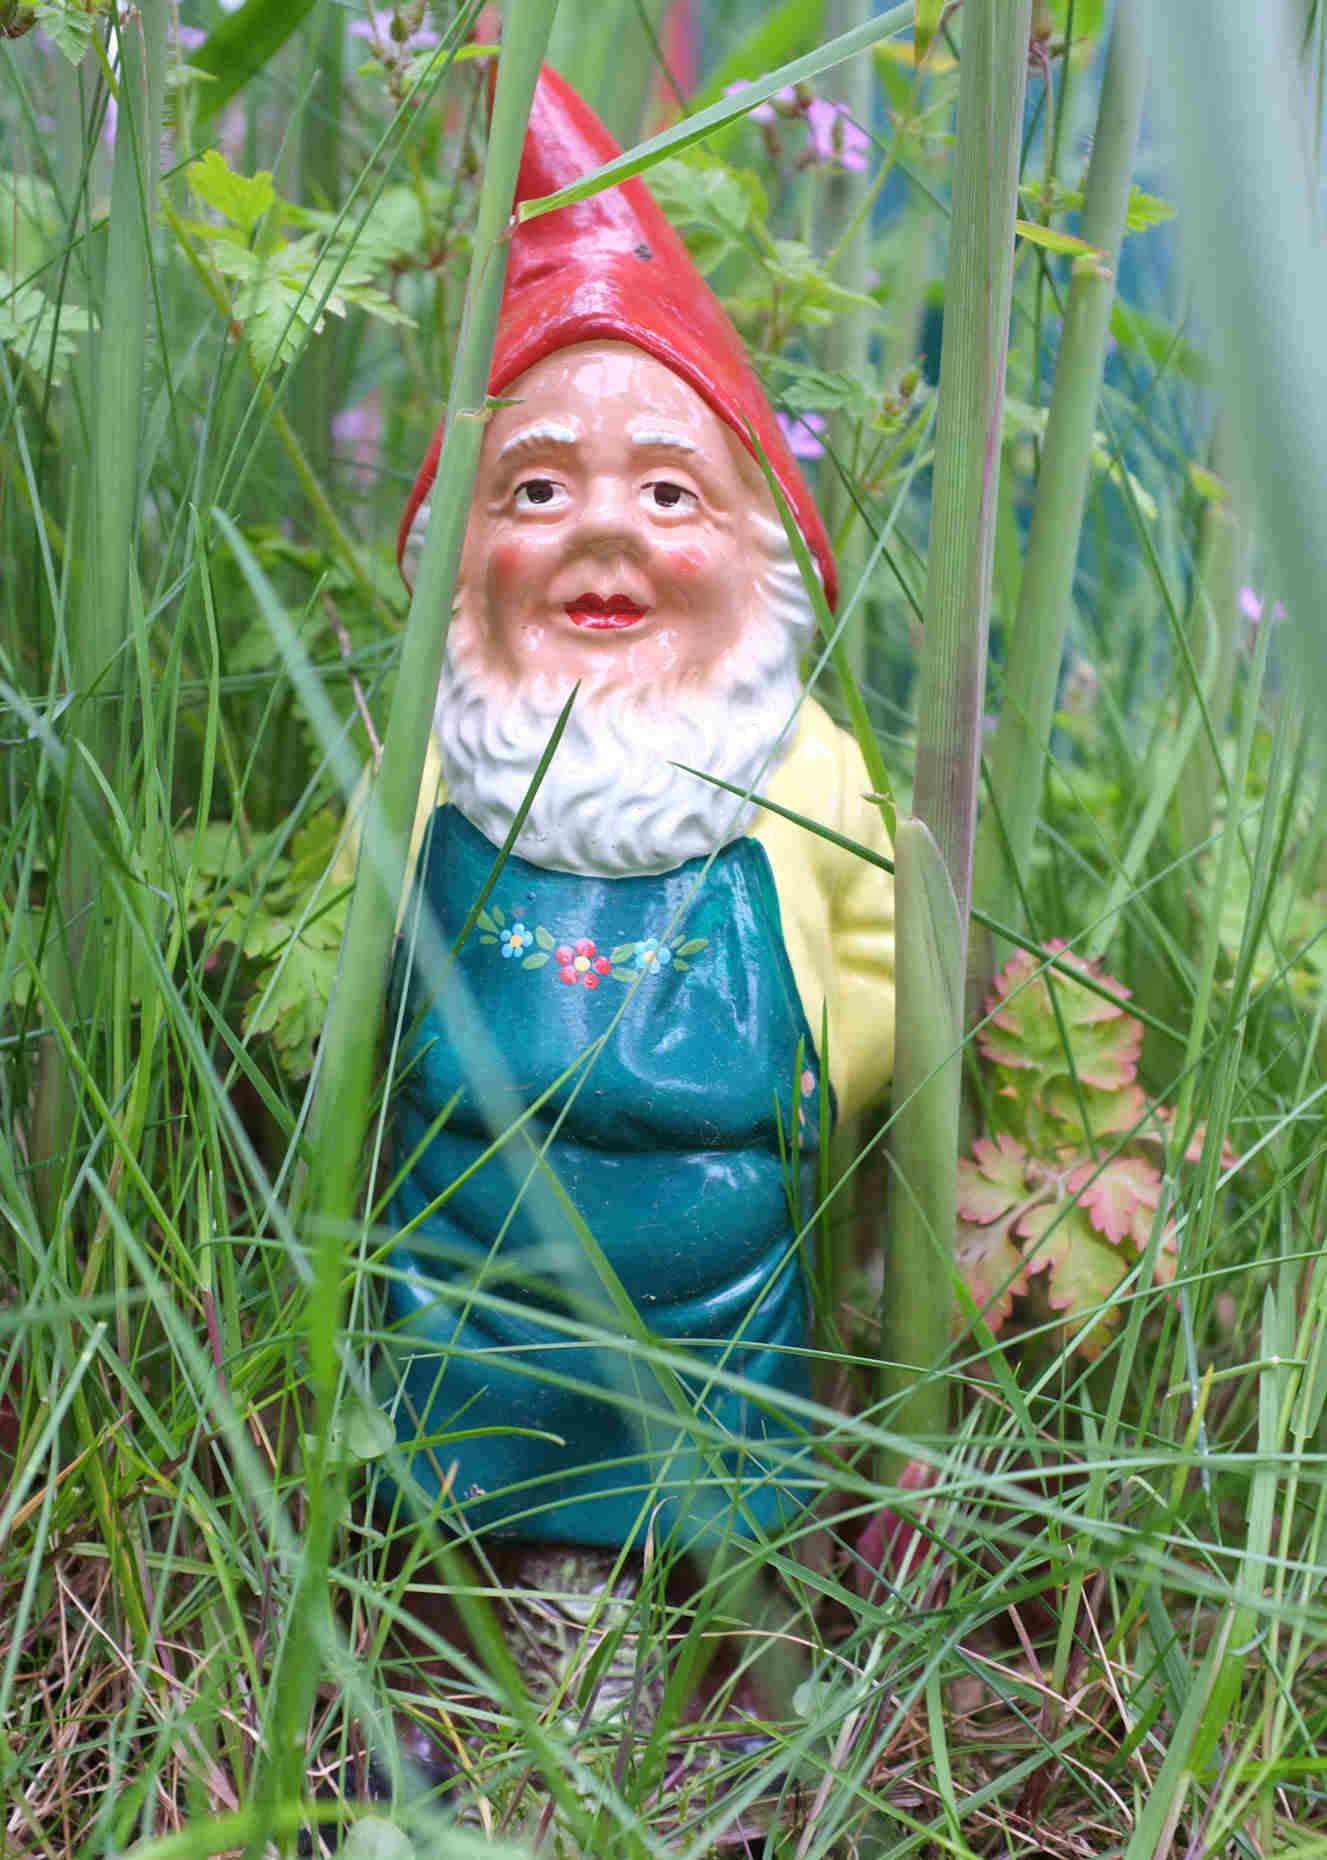 Wer versteckt sich da im Garten?